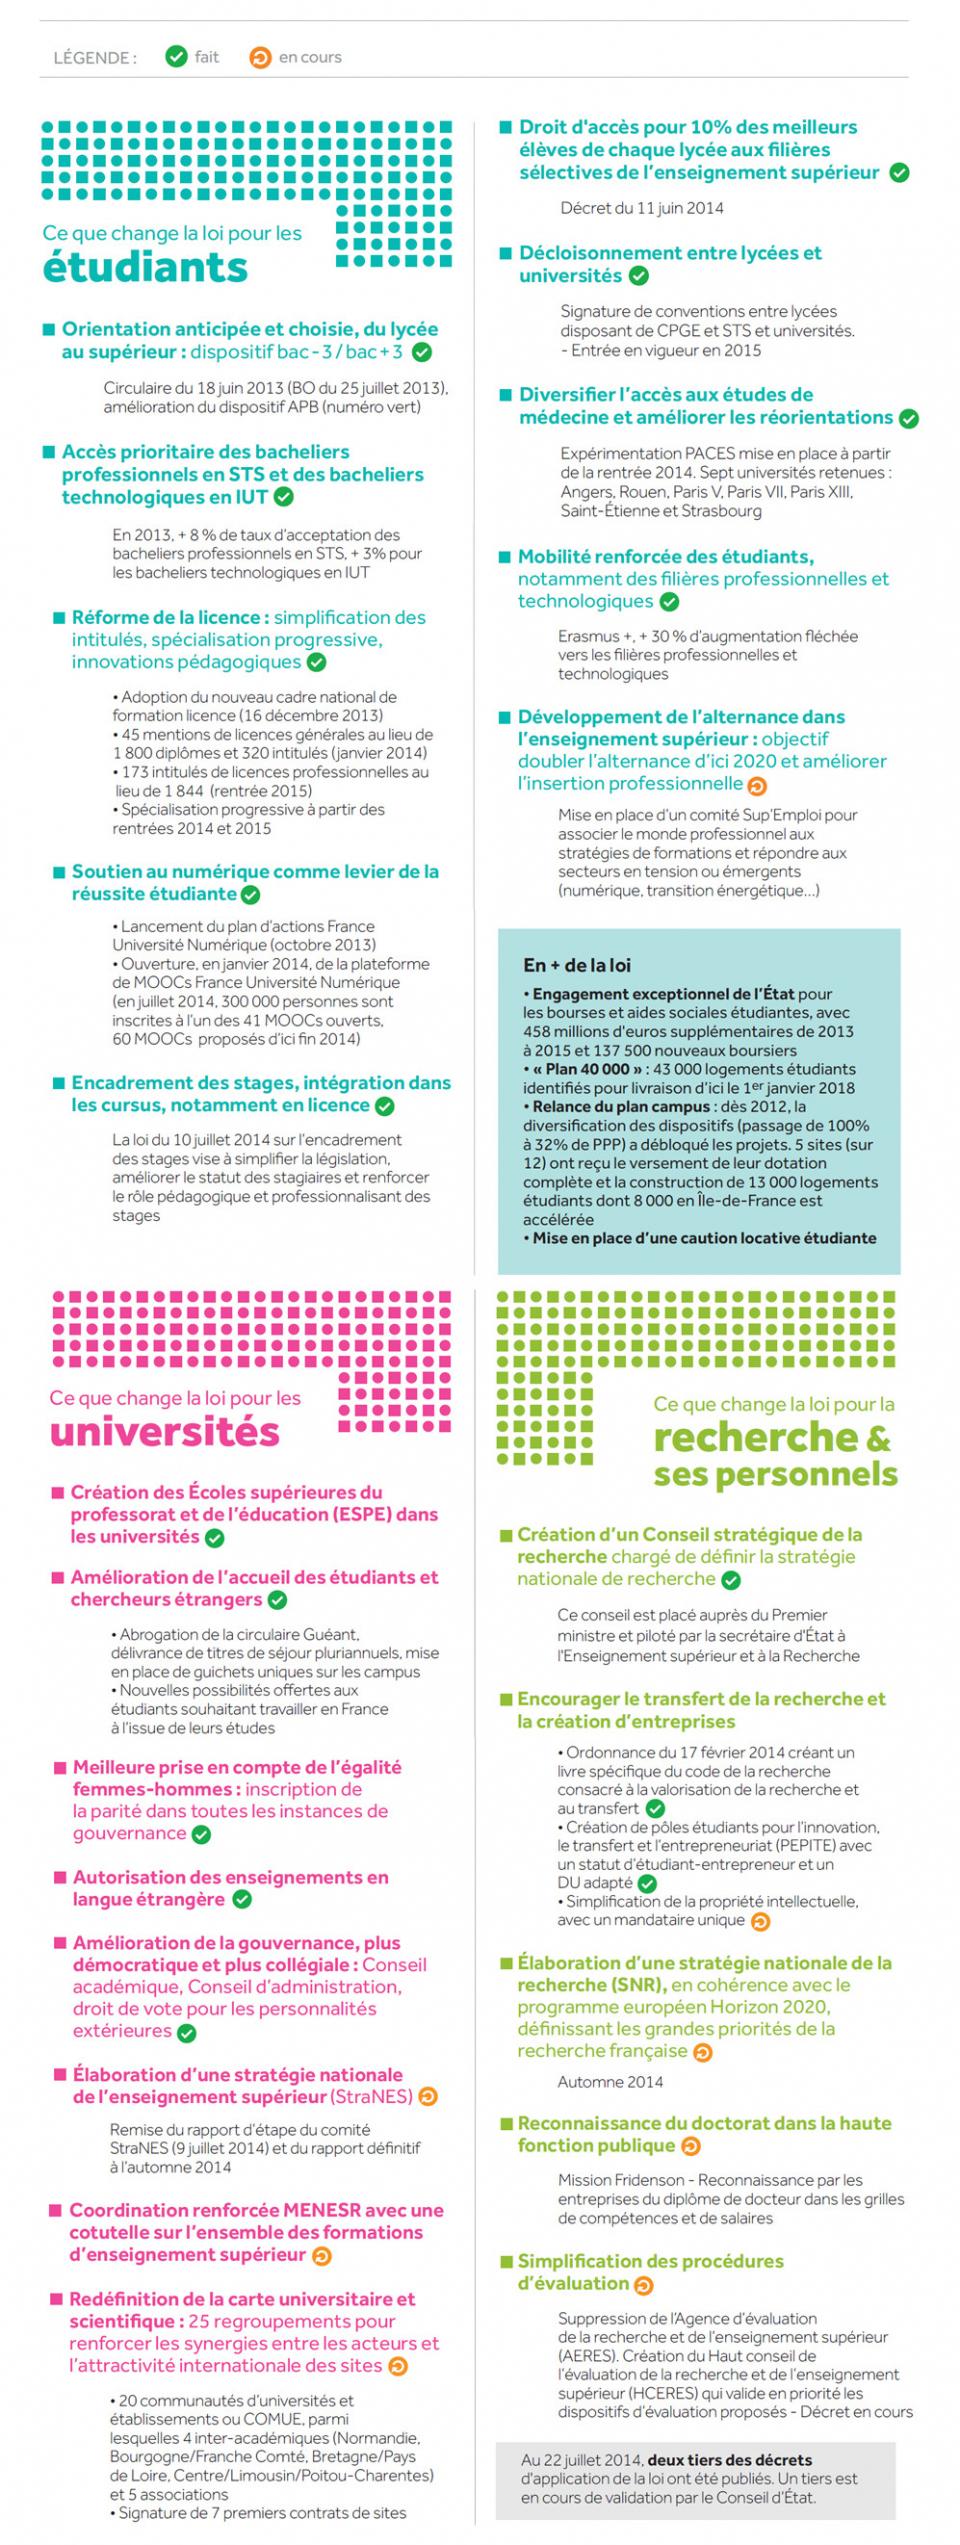 Infographie : 1 an de loi Enseignement supérieur et recherche et des avancées majeures  - voir en plus grand